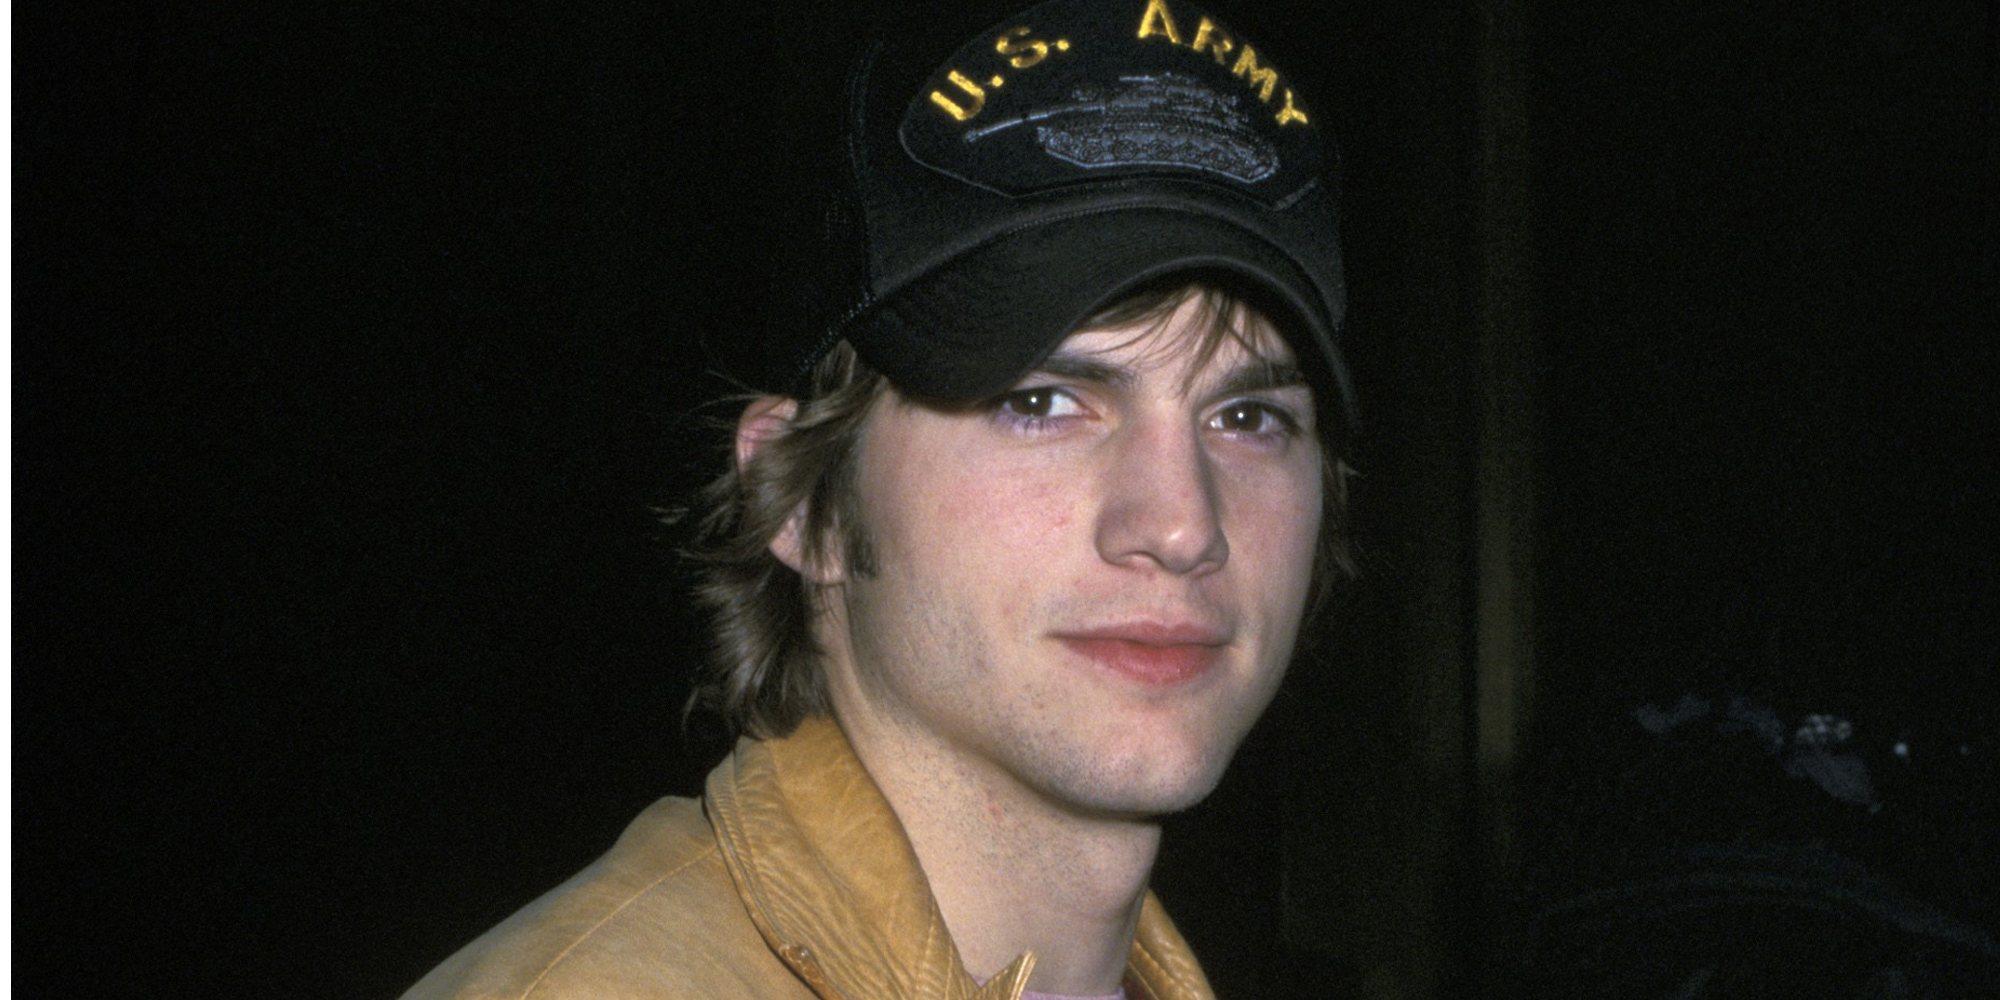 Ashton Kutcher podría testificar en el juicio por el brutal asesinato de su exnovia